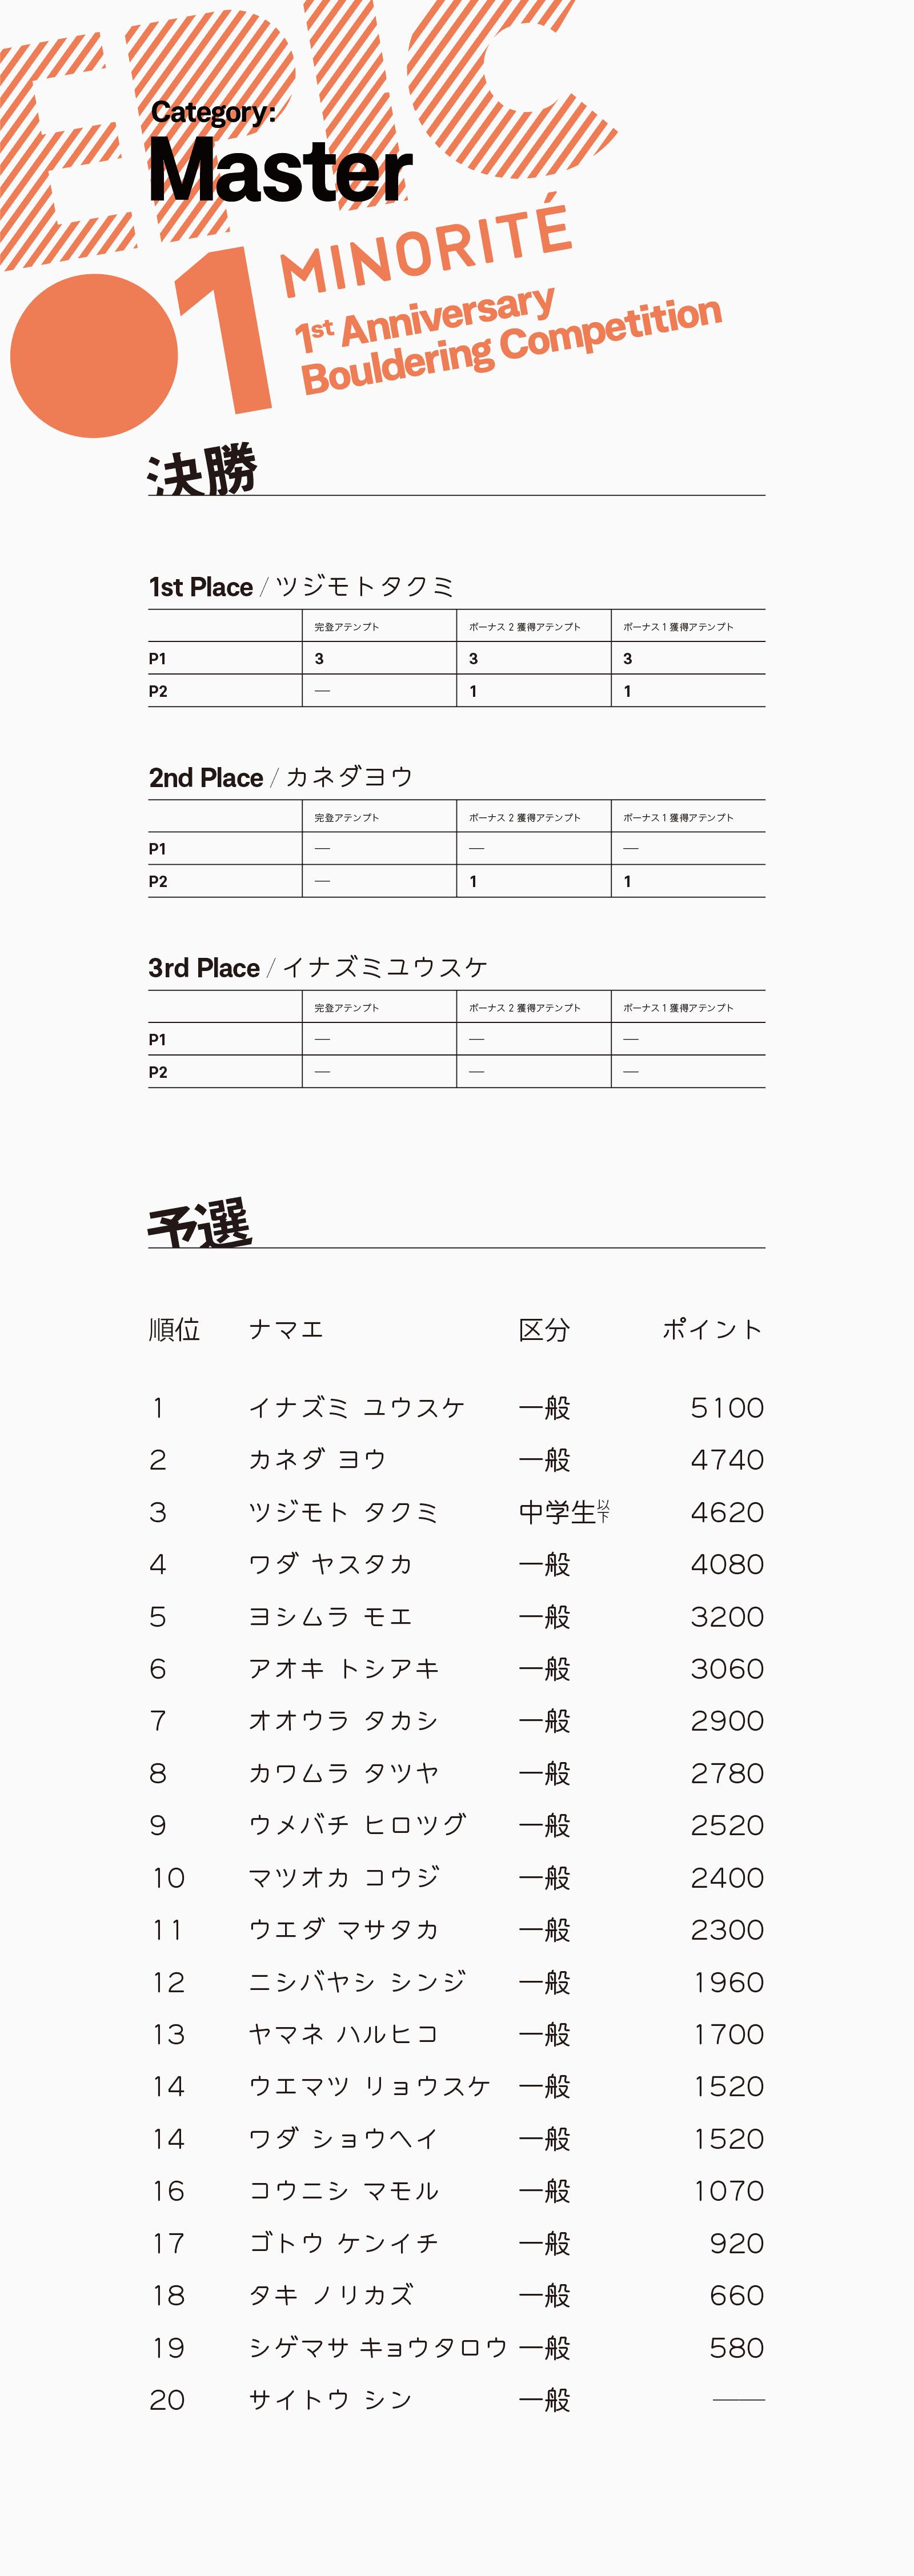 epic01 result / master